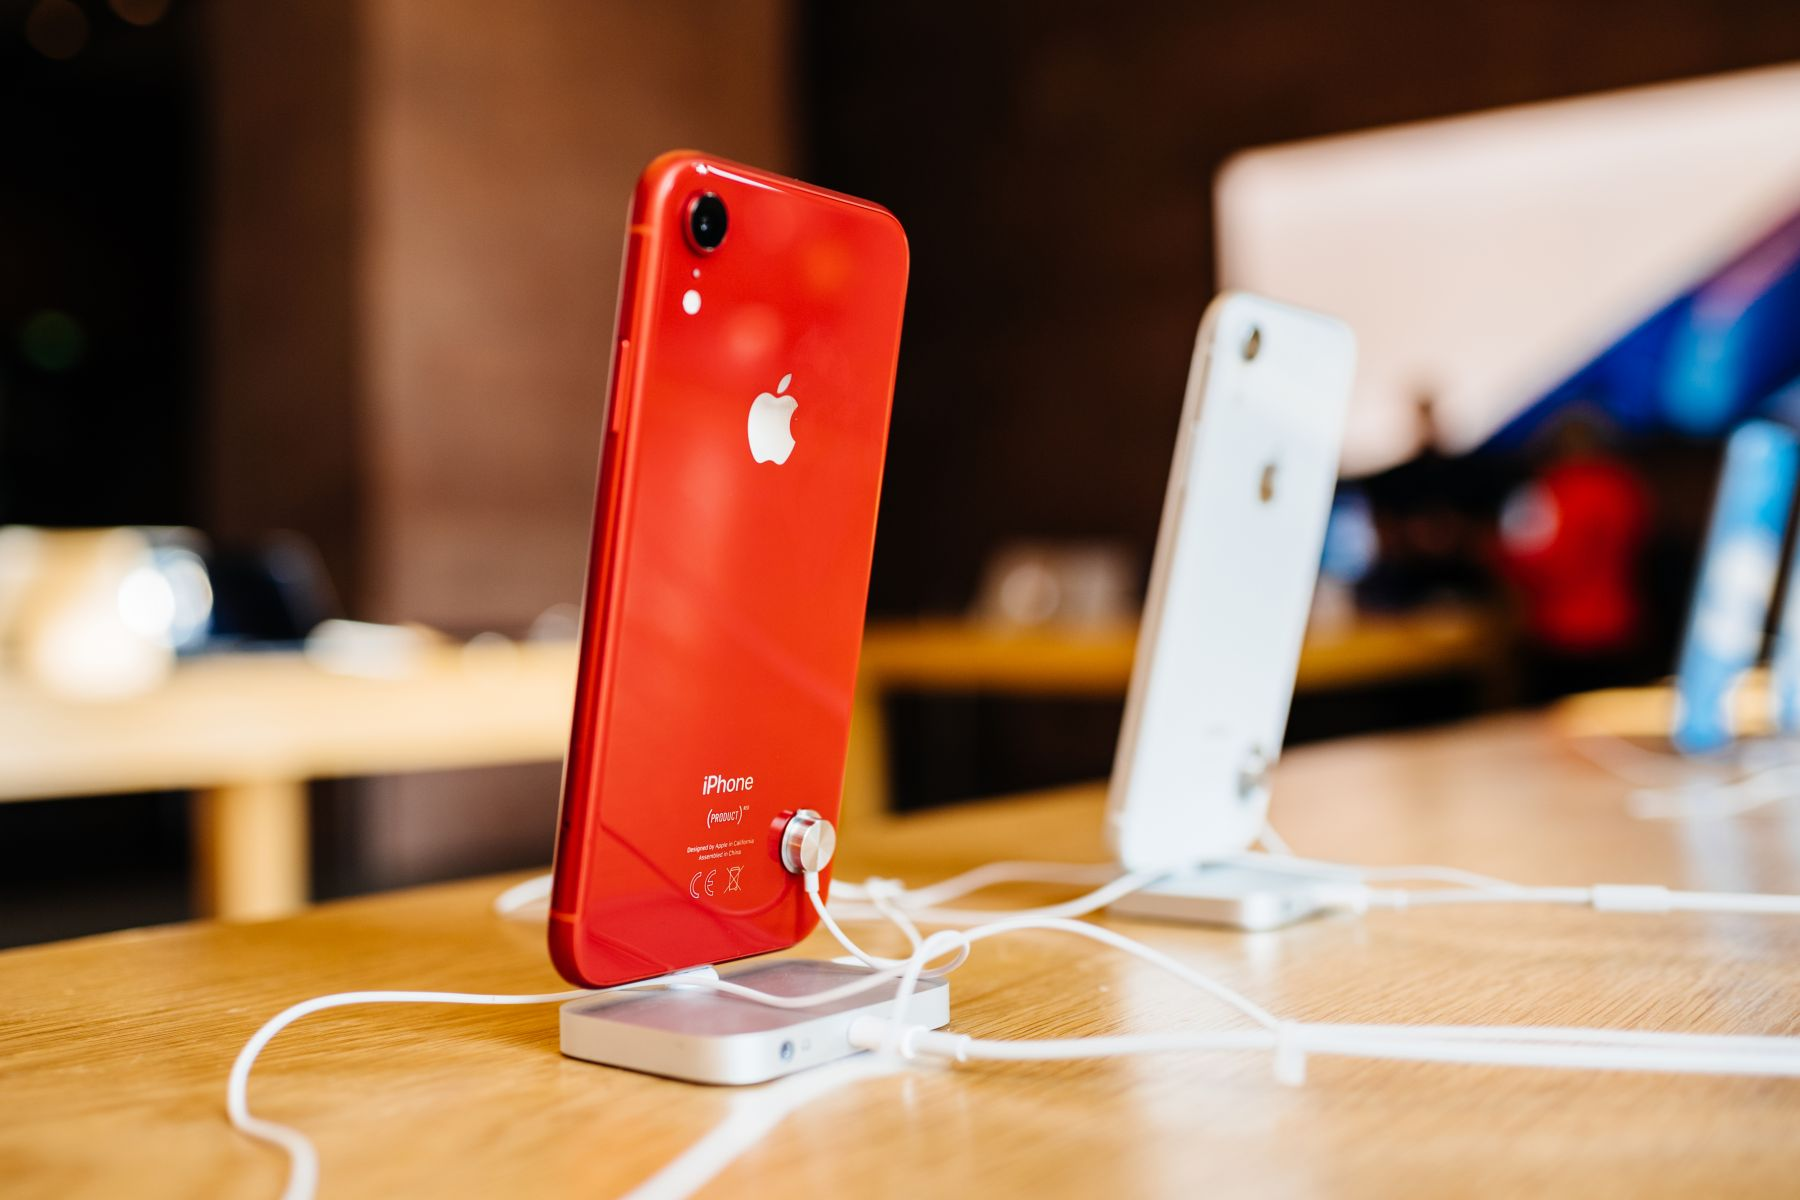 武漢肺炎打亂鴻海算盤! 傳深圳廠本周復工再延 供應鏈:iPhone生產恐卡關